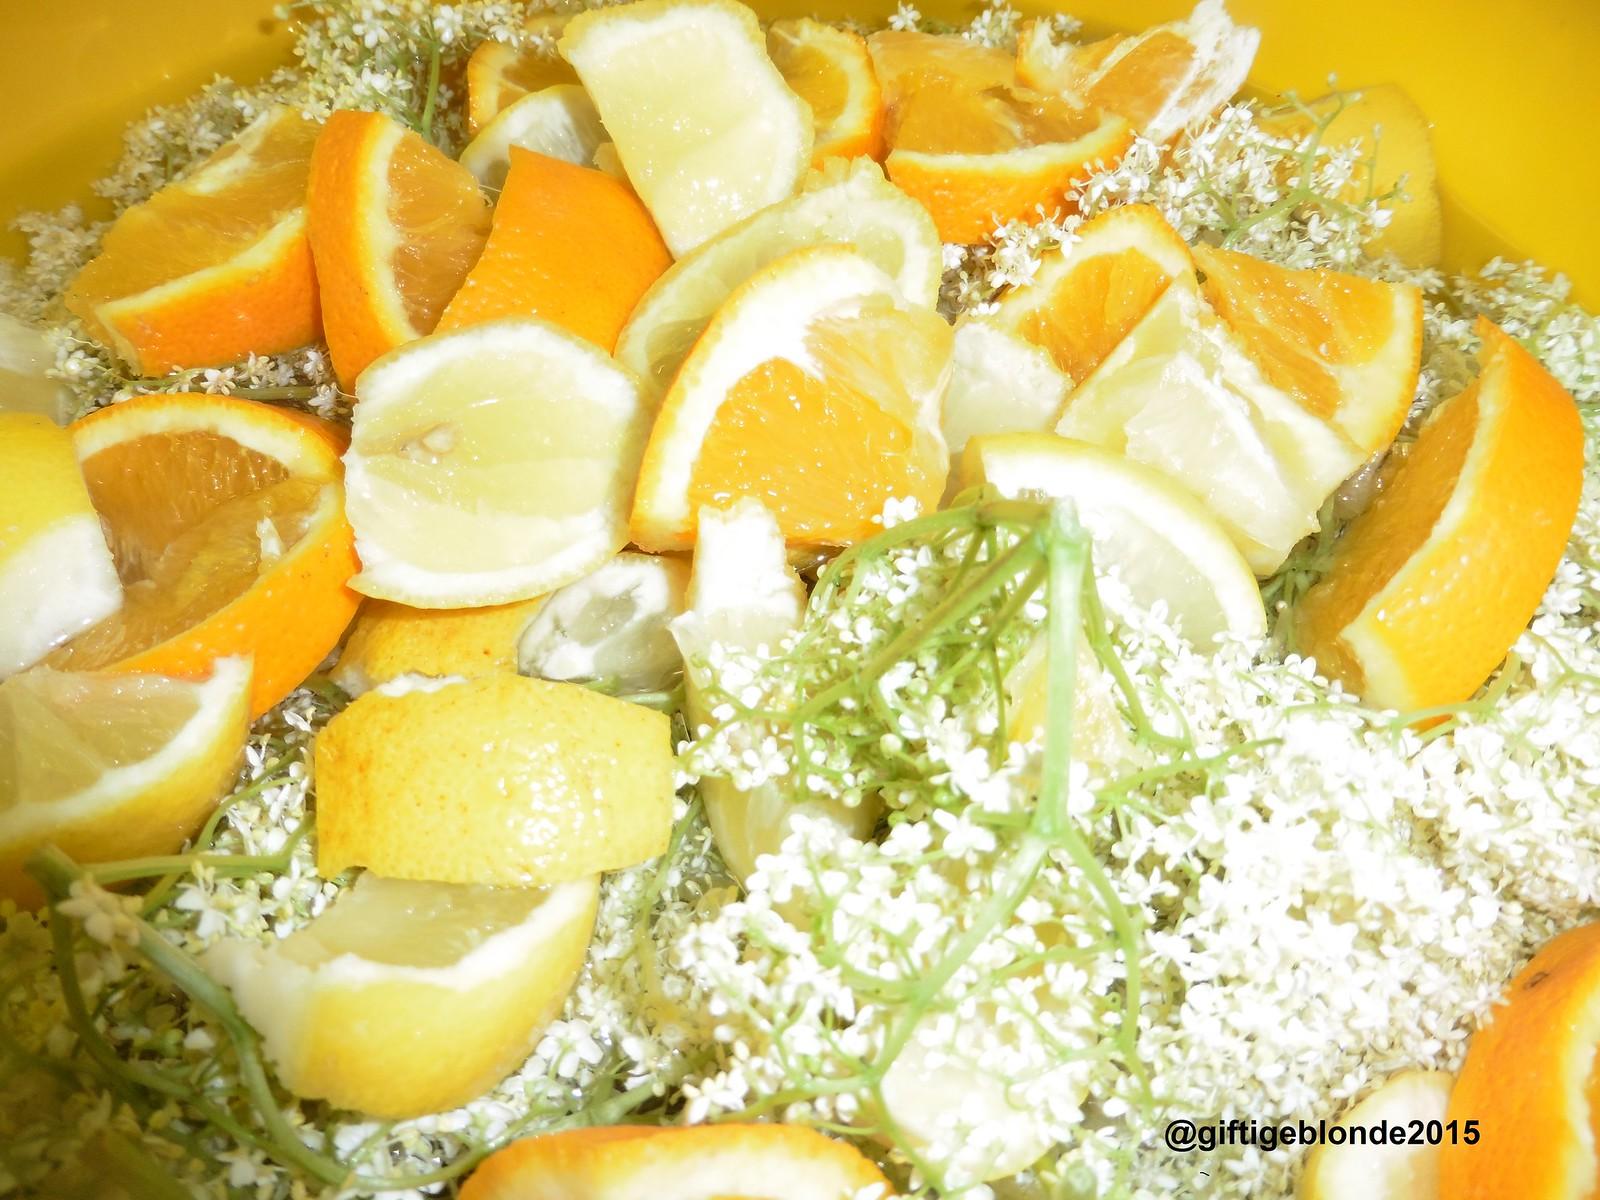 Hollerblüten, Orangen, Zitronen